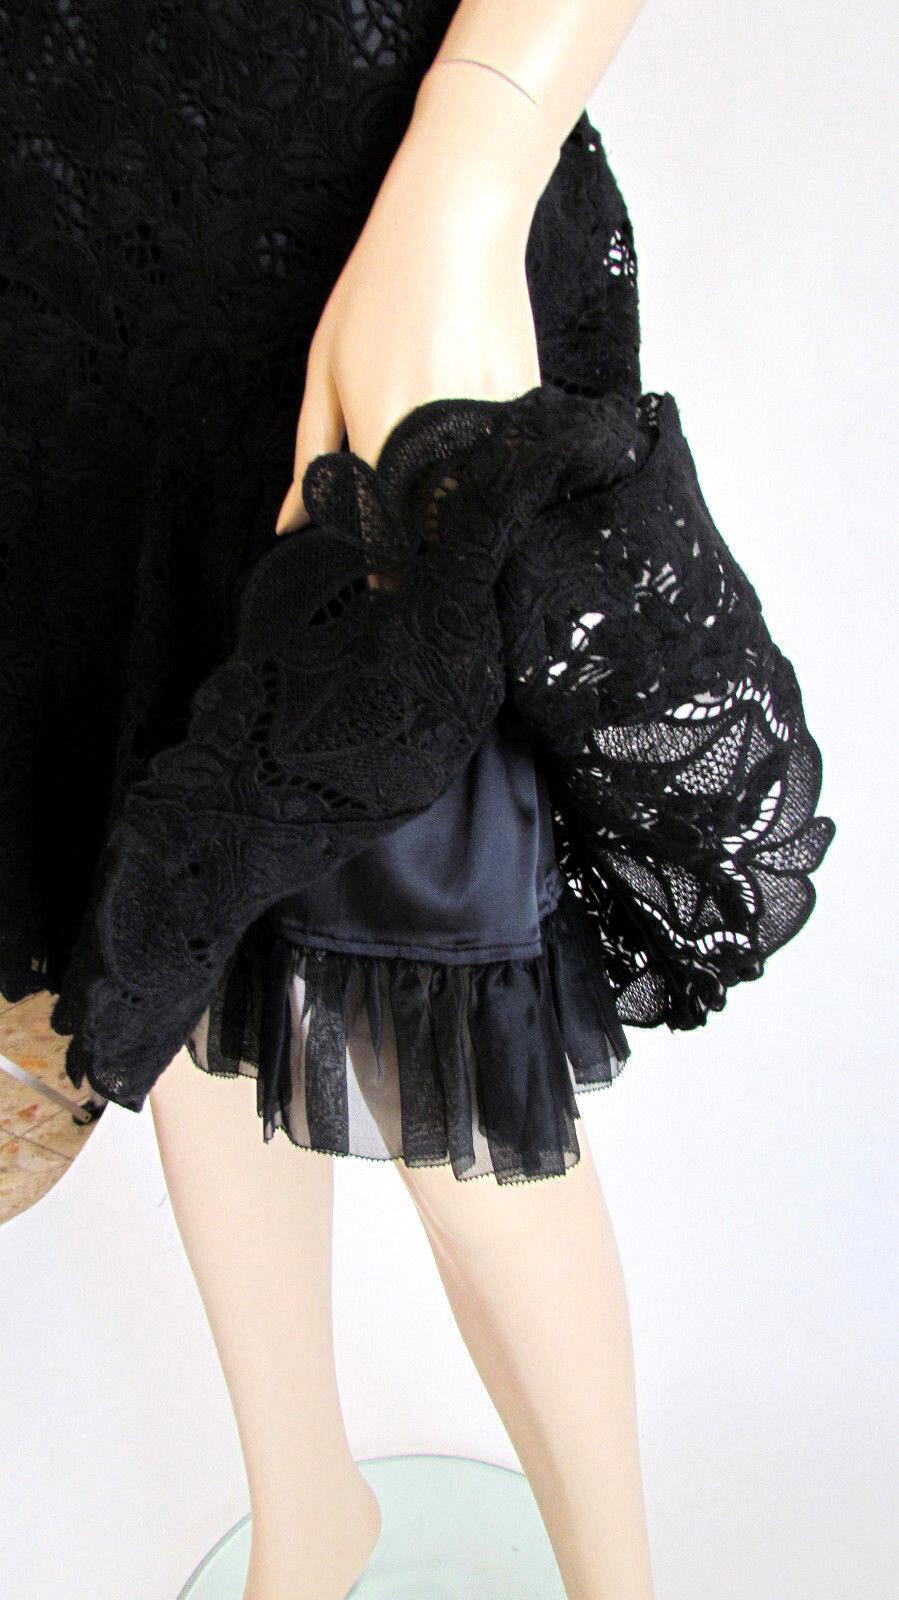 Mujer Faldas Diseño Elie Tahari Rodilla  Negro Encaje Seda Trompeta Falda 8  Hay más marcas de productos de alta calidad.